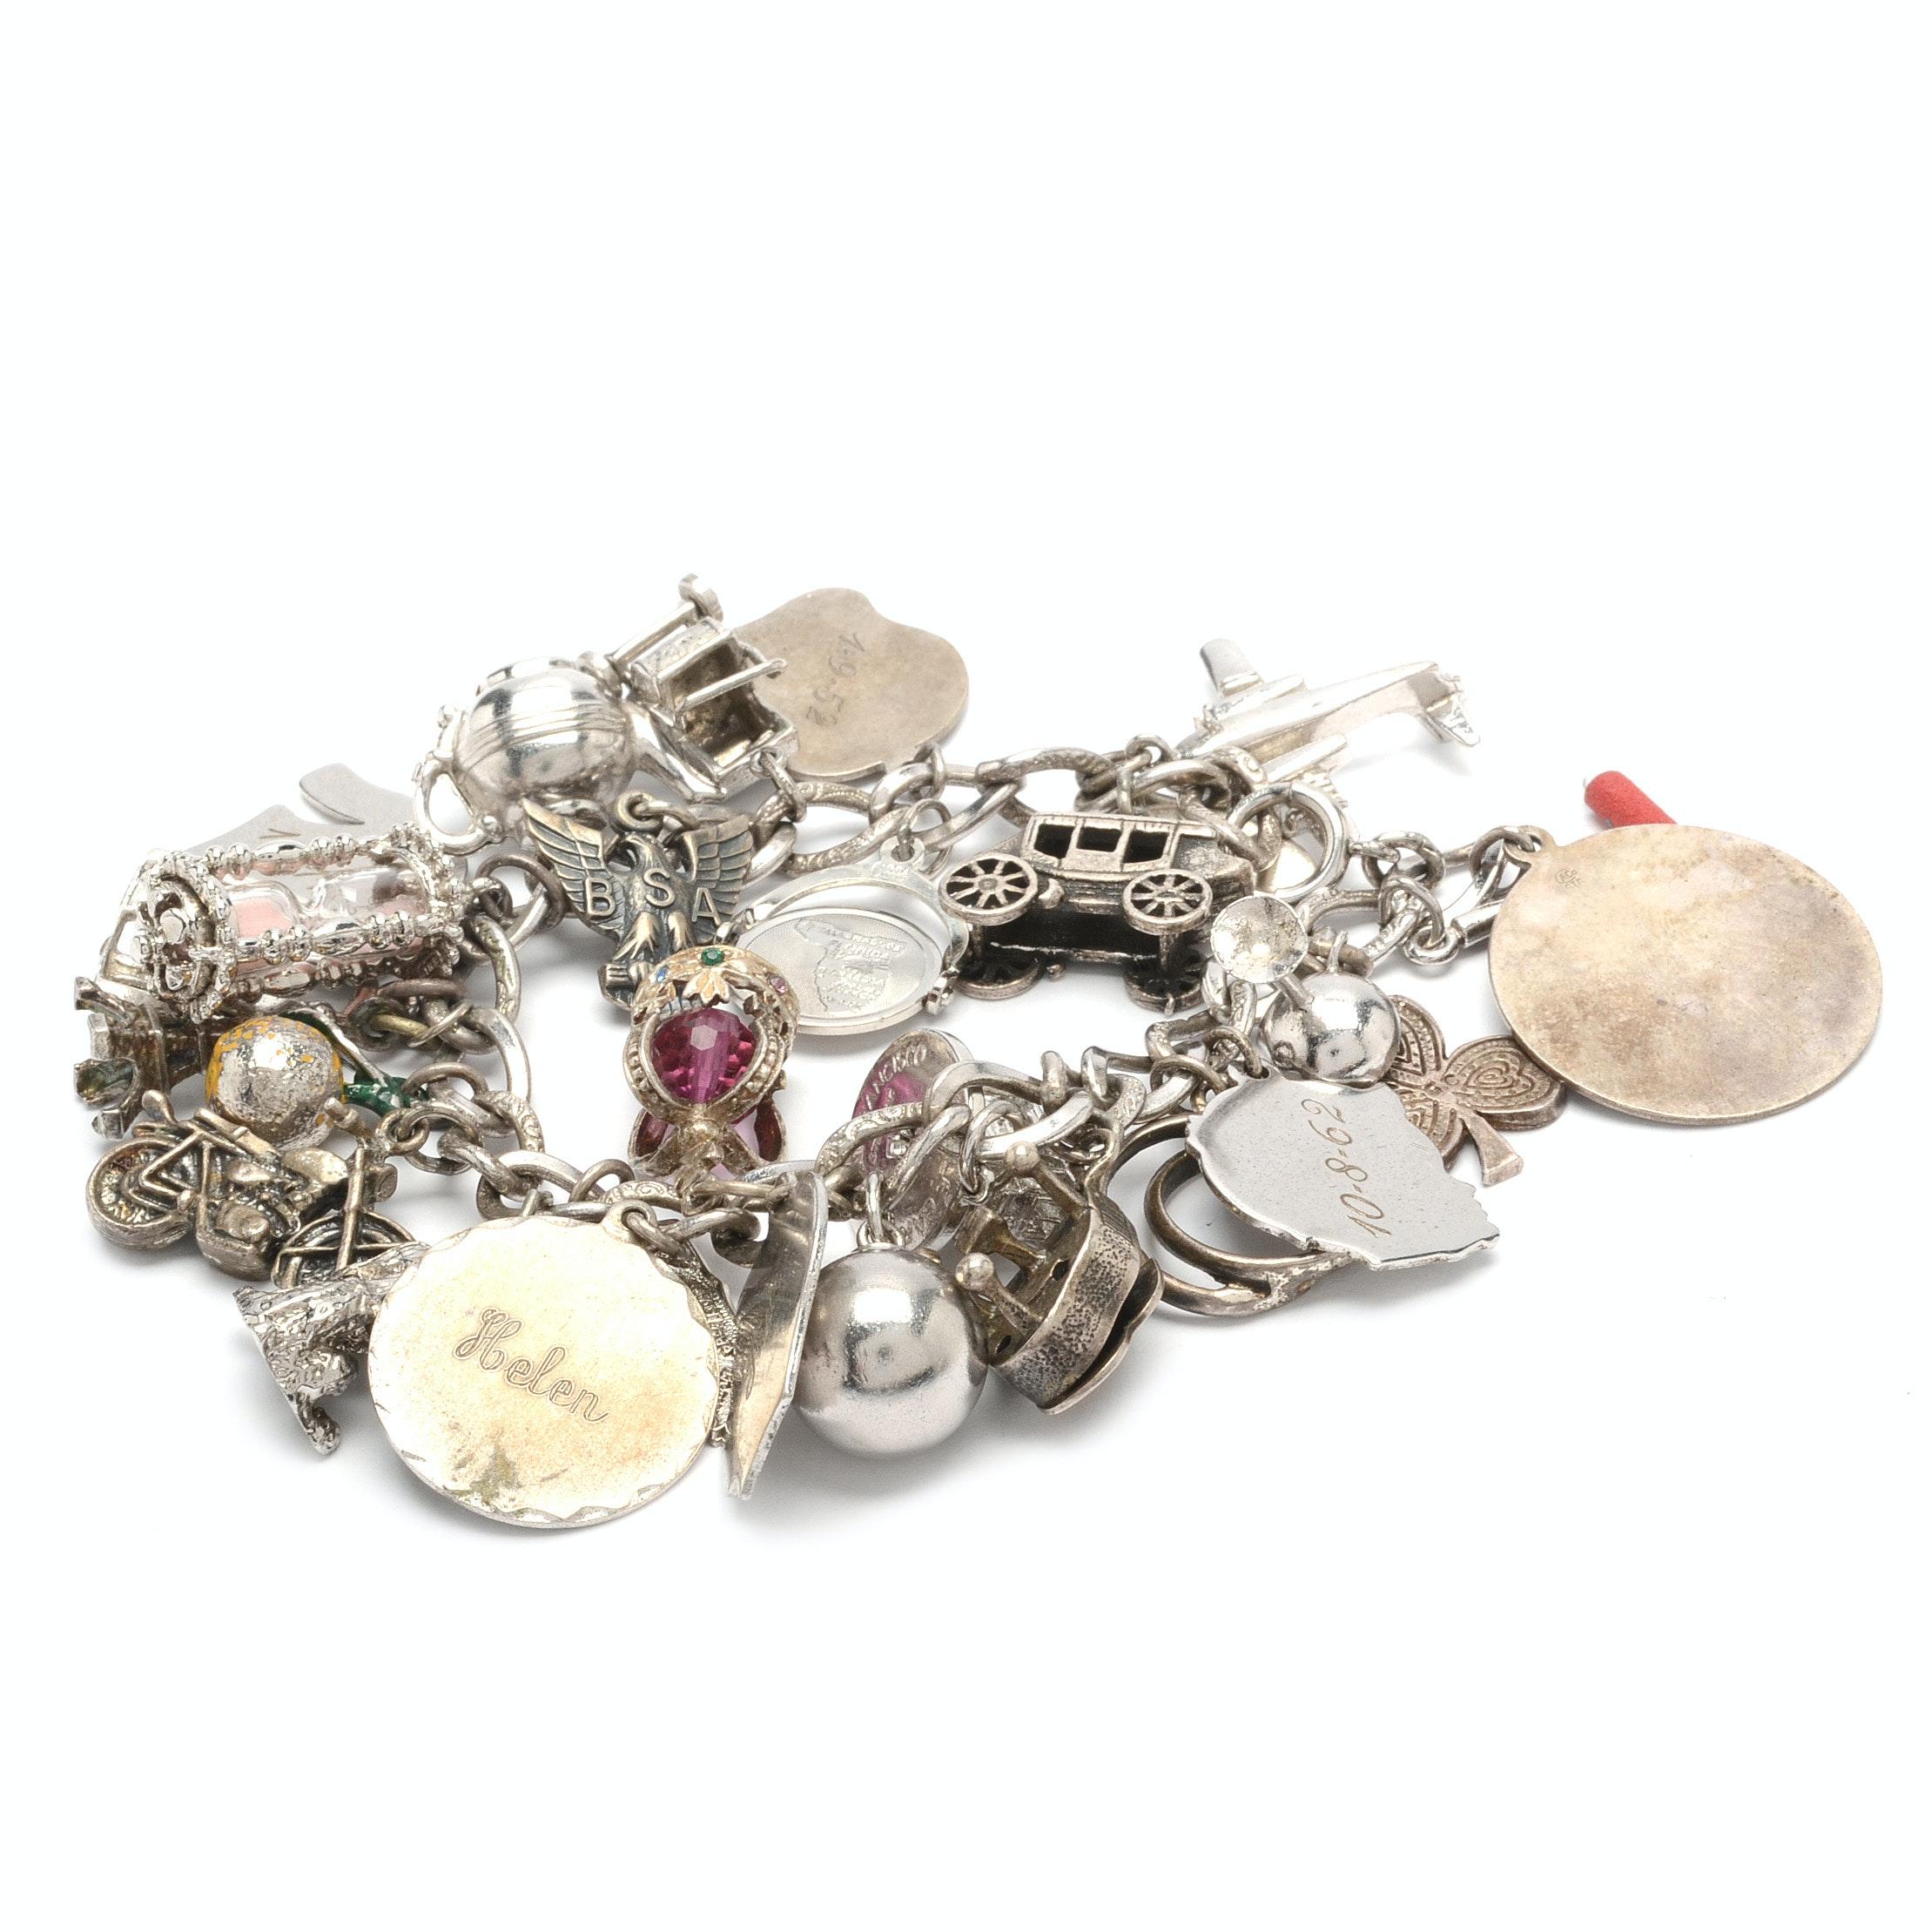 Sterling Silver LeStage Charm Bracelet